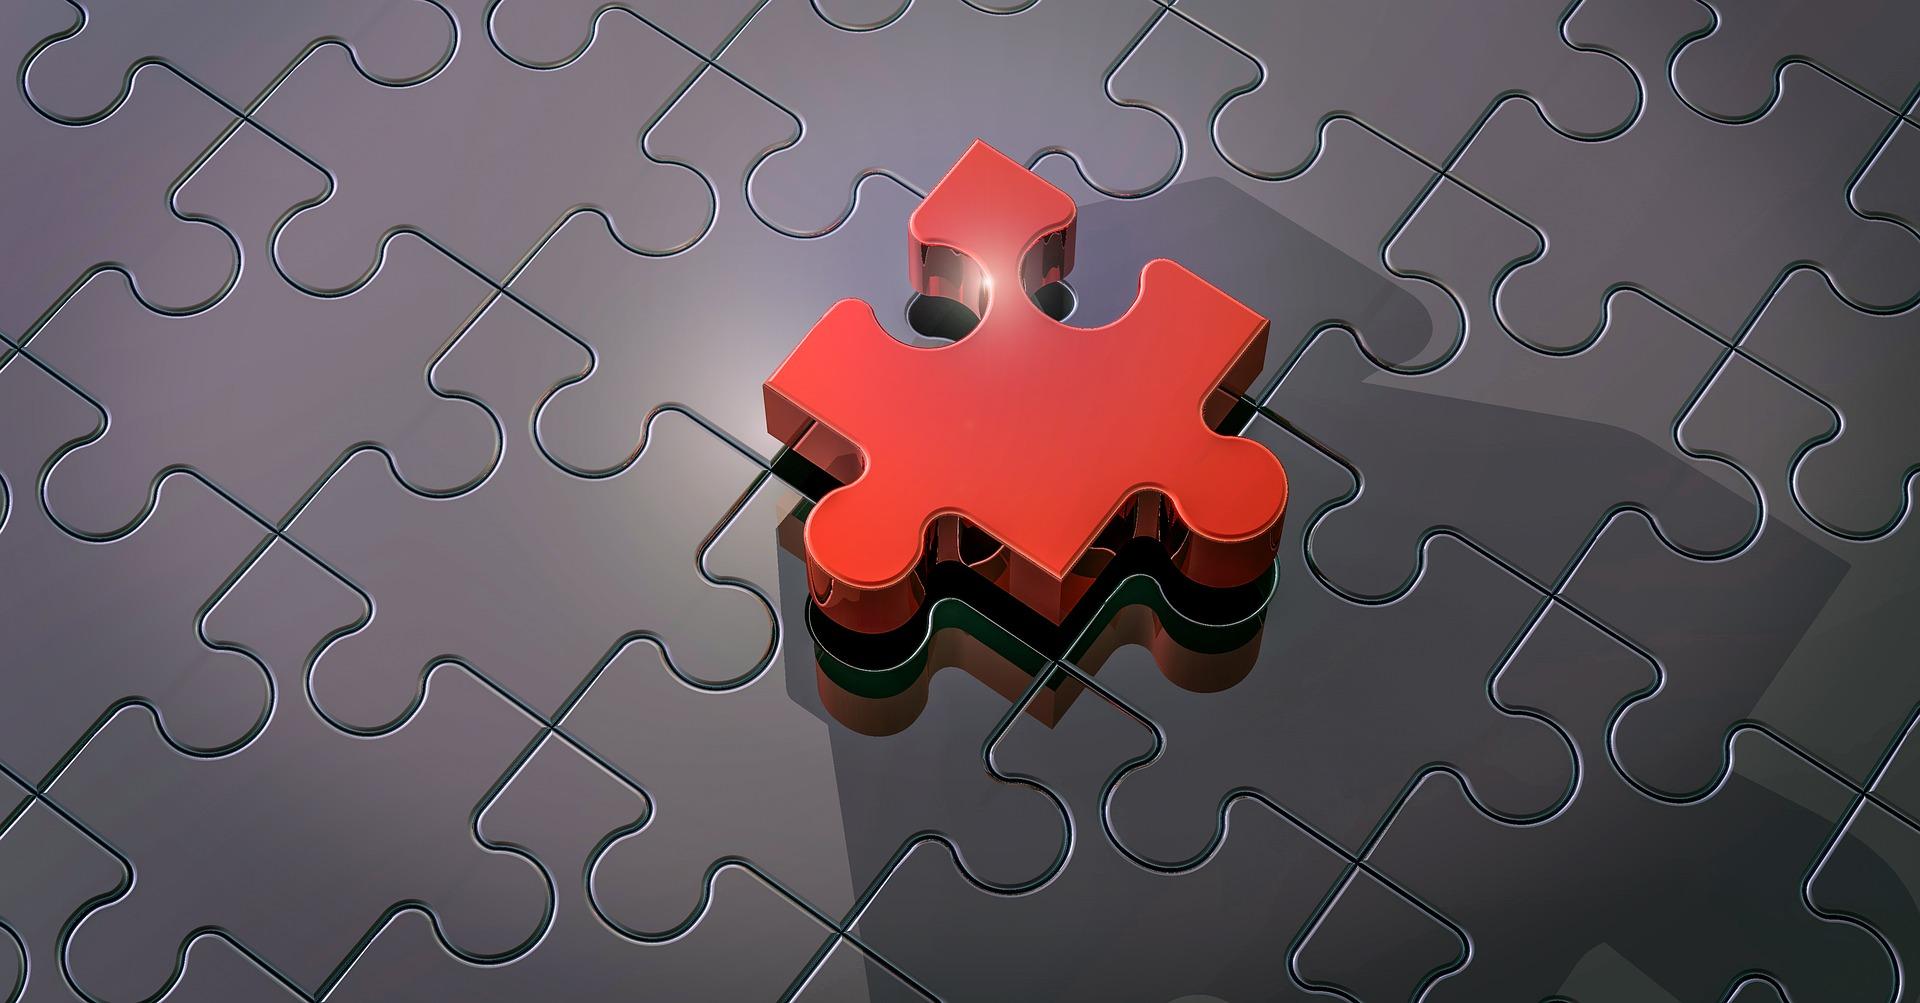 puzzle-3486885_1920